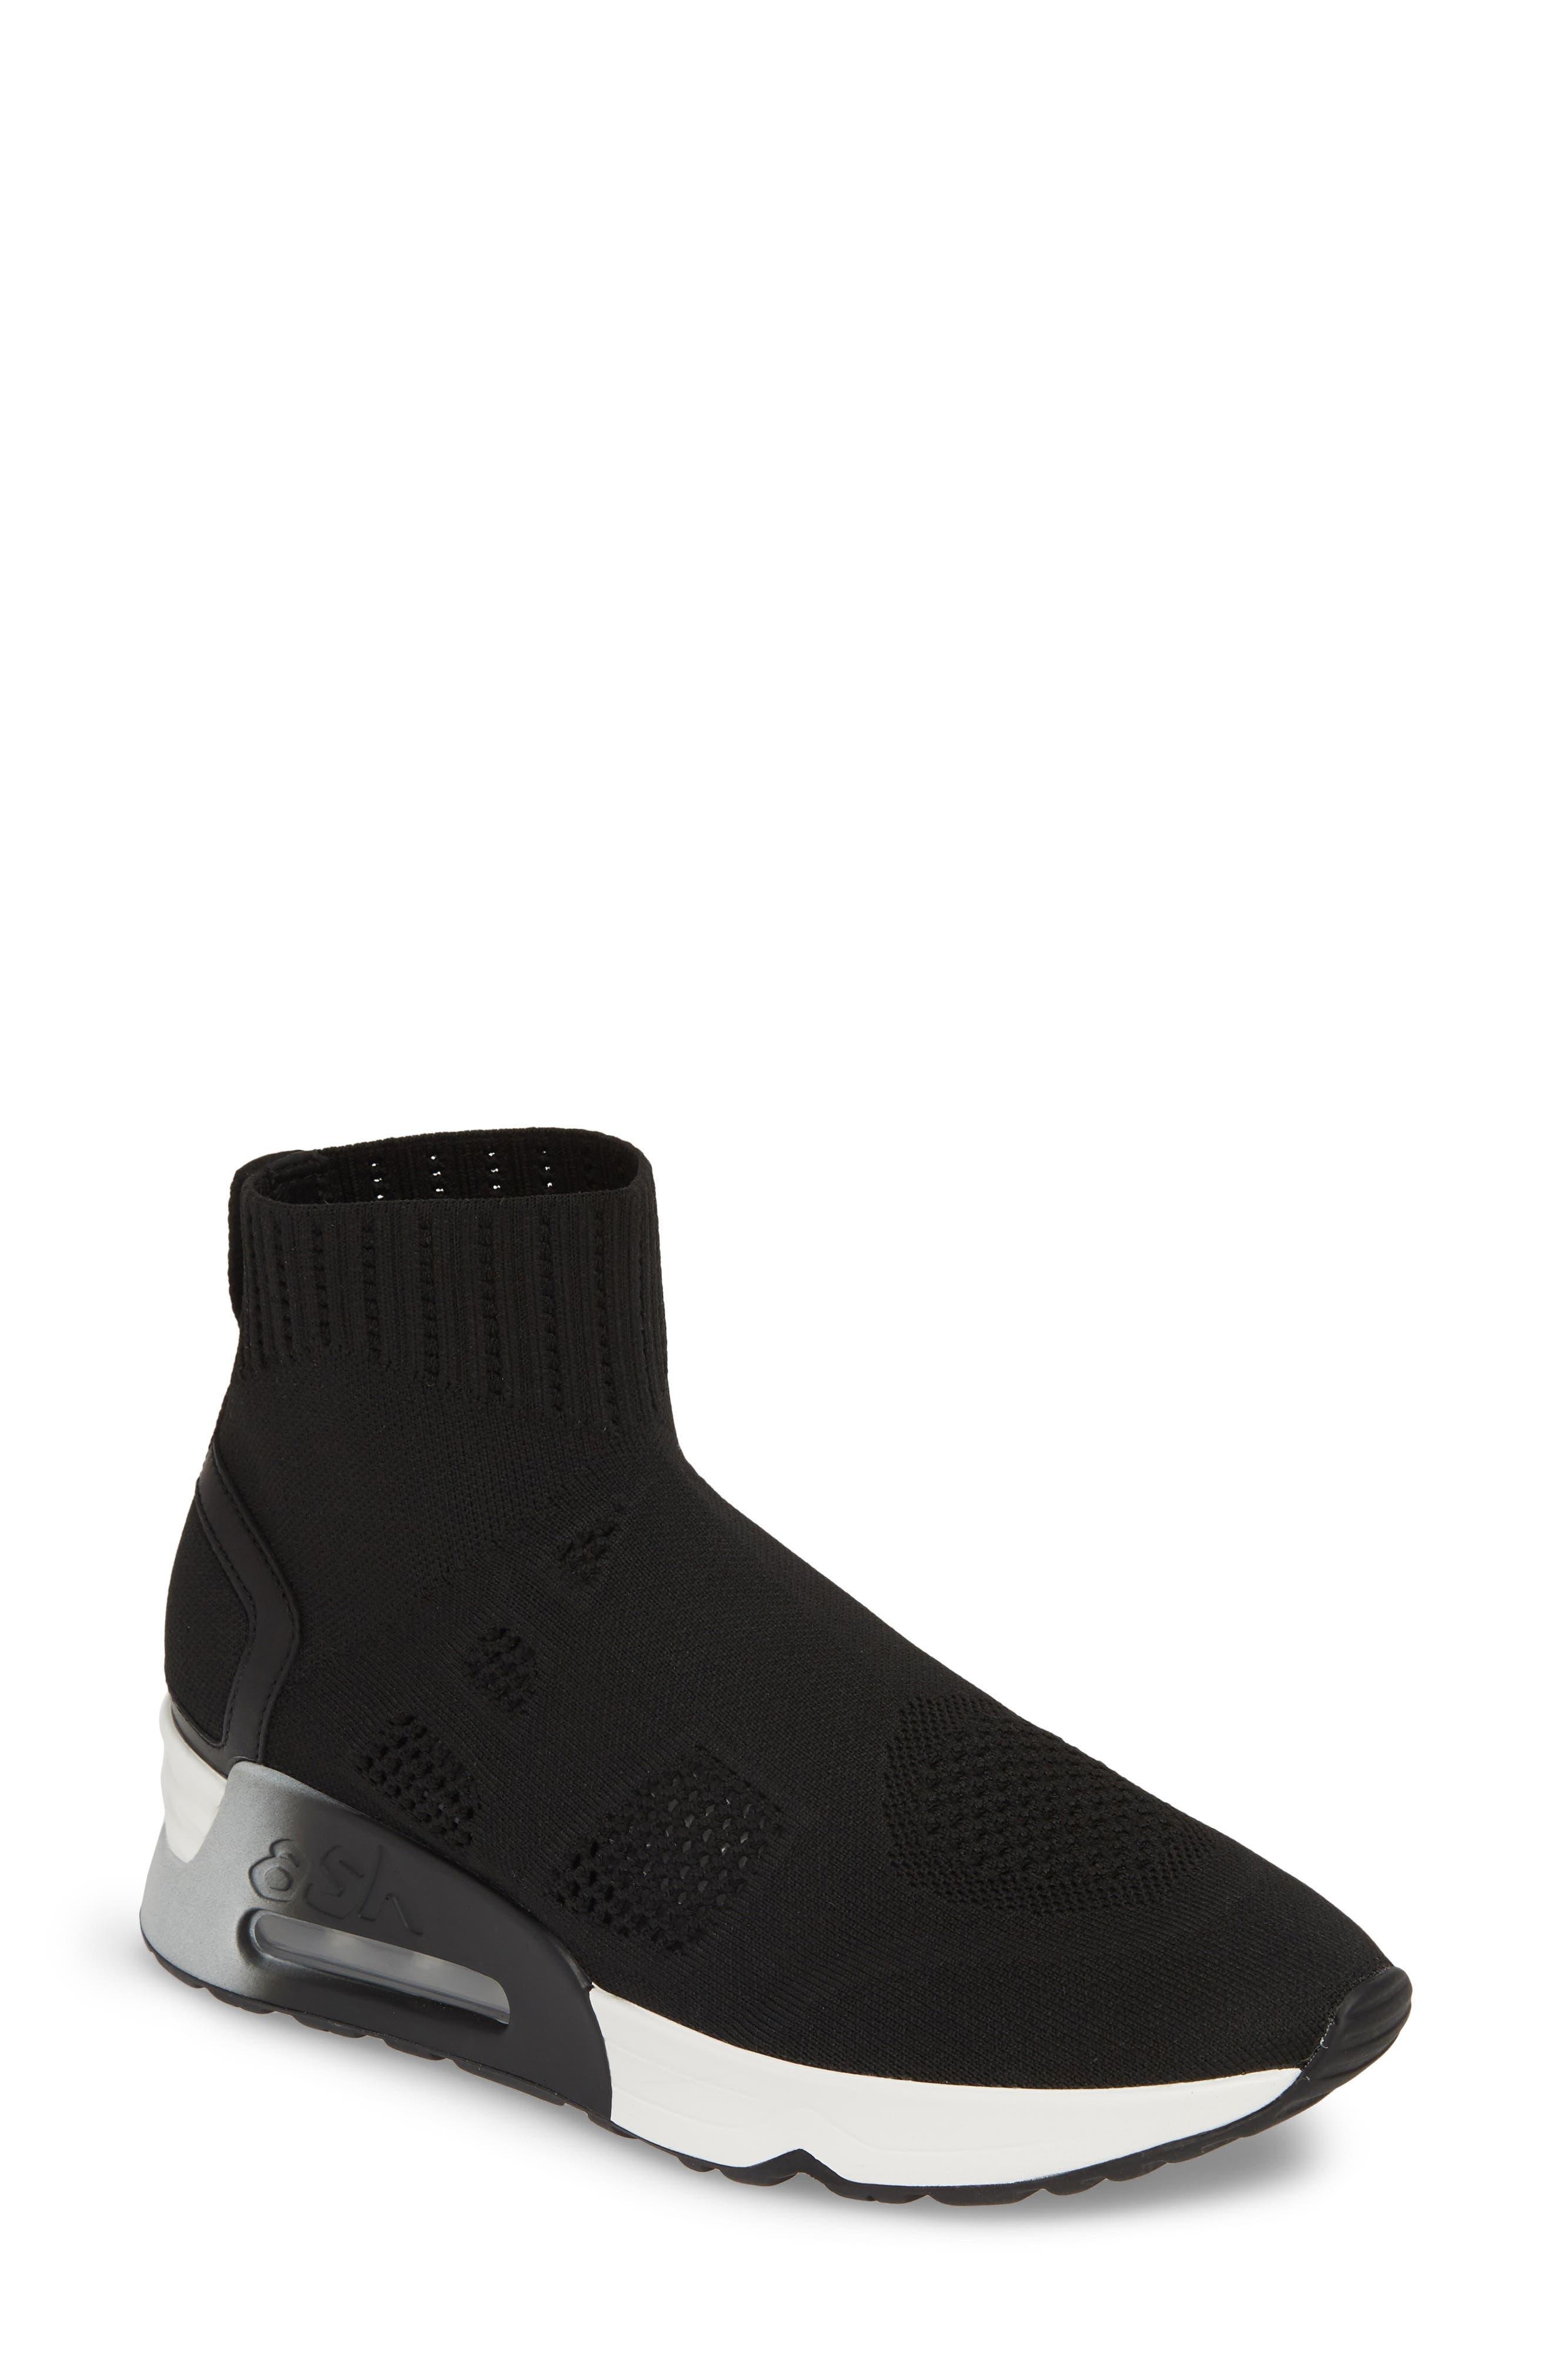 ASH Knit Sneaker Bootie, Main, color, BLACK